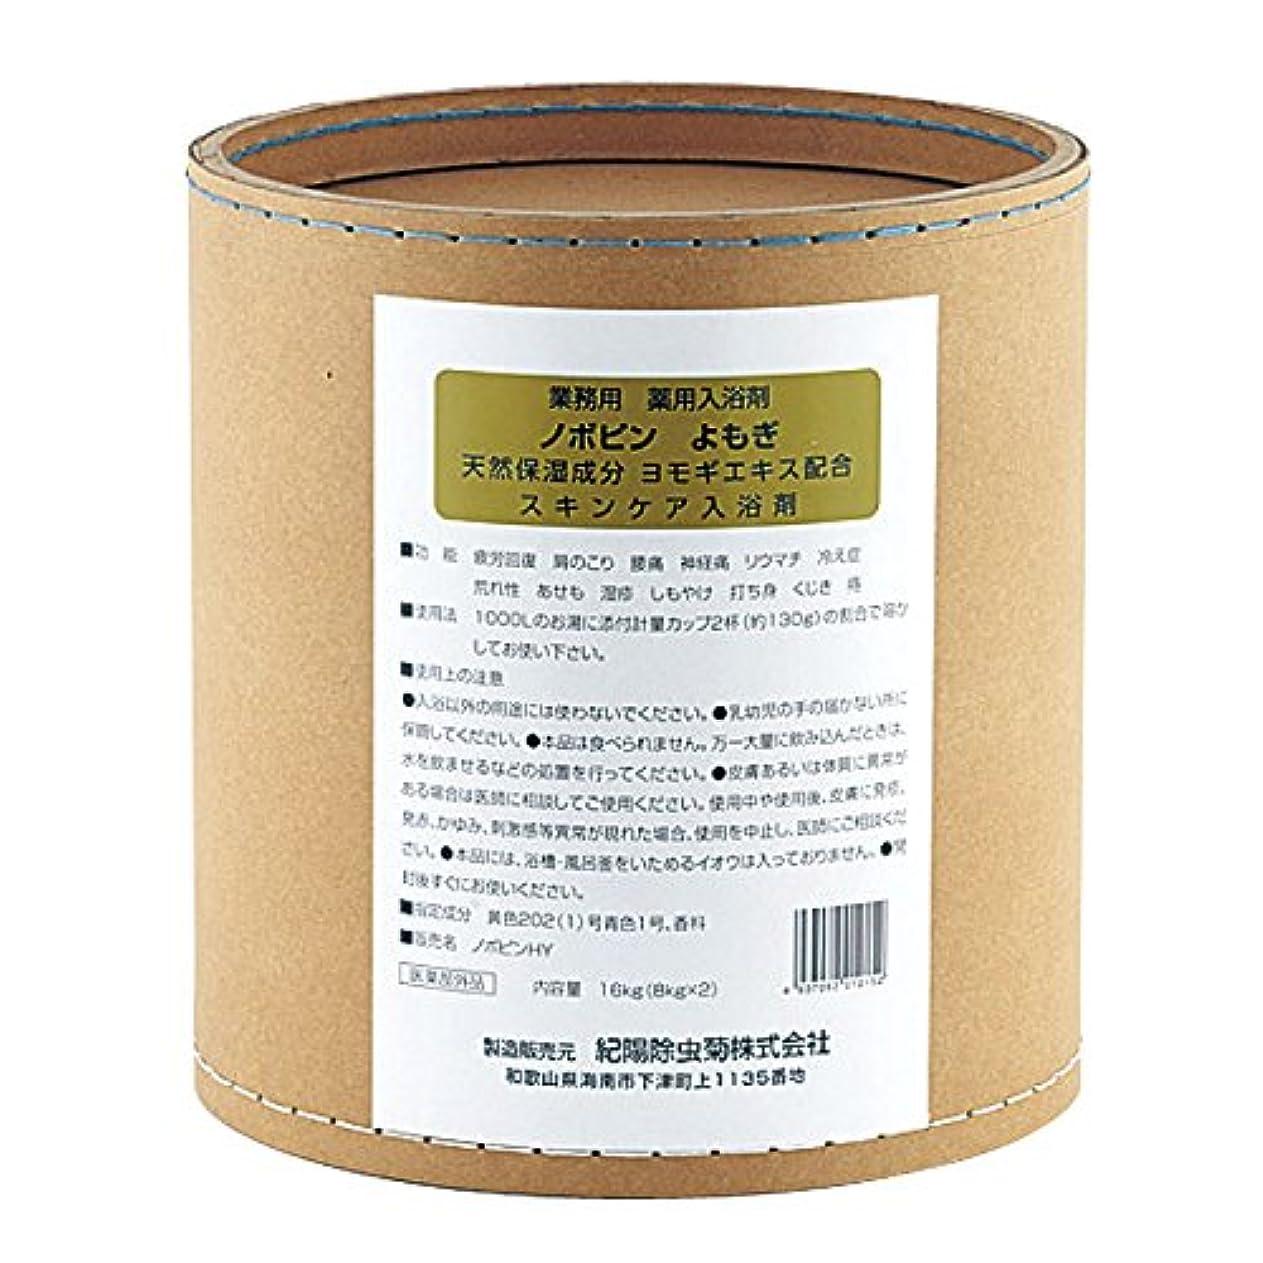 バランス理由計算する業務用入浴剤ノボピンよもぎ16kg(8kg*2)